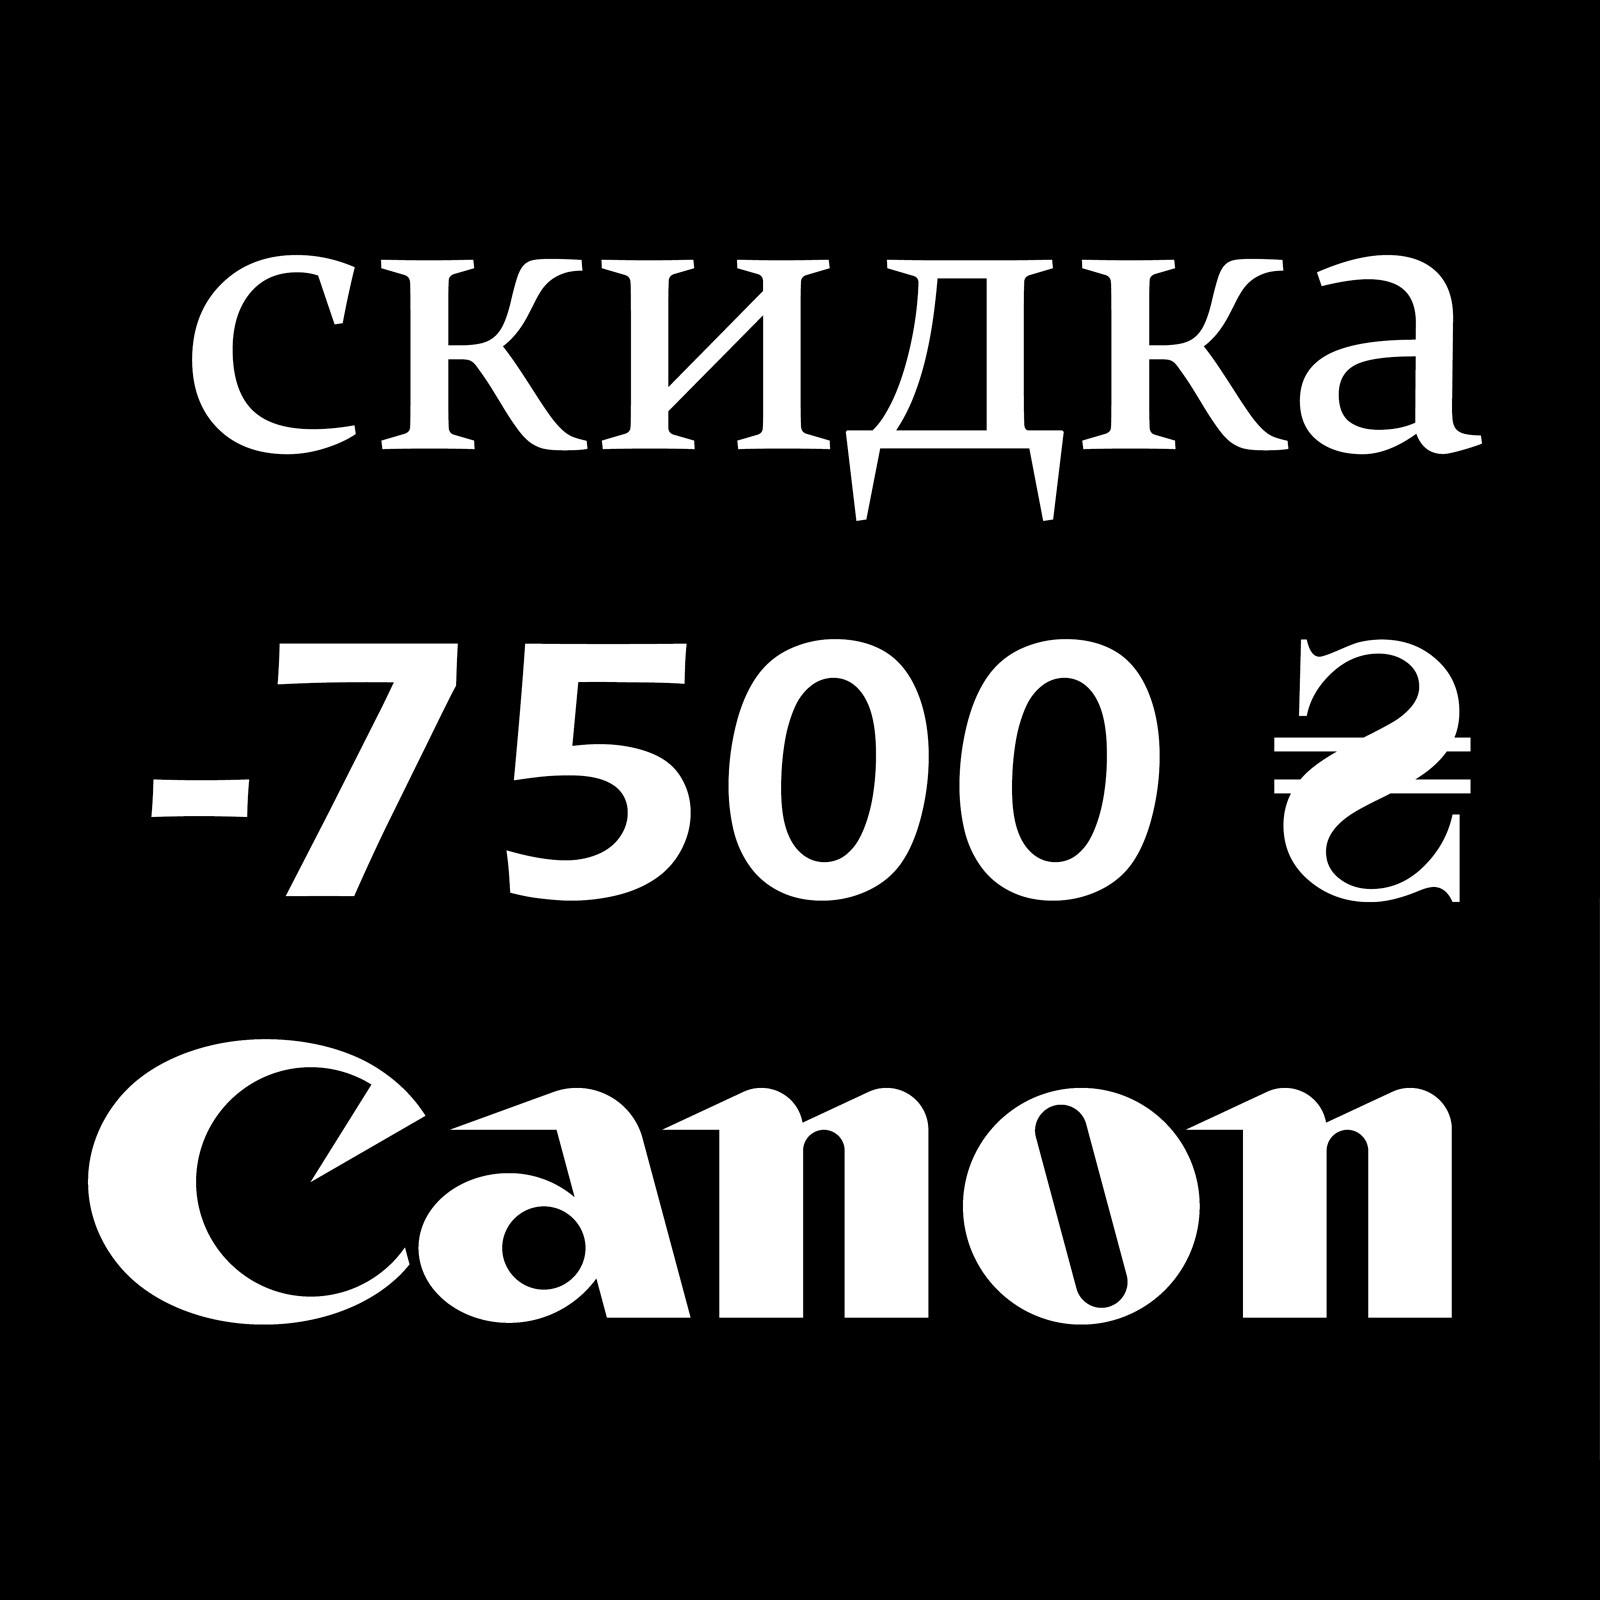 Сертифика скидка Canon -7500